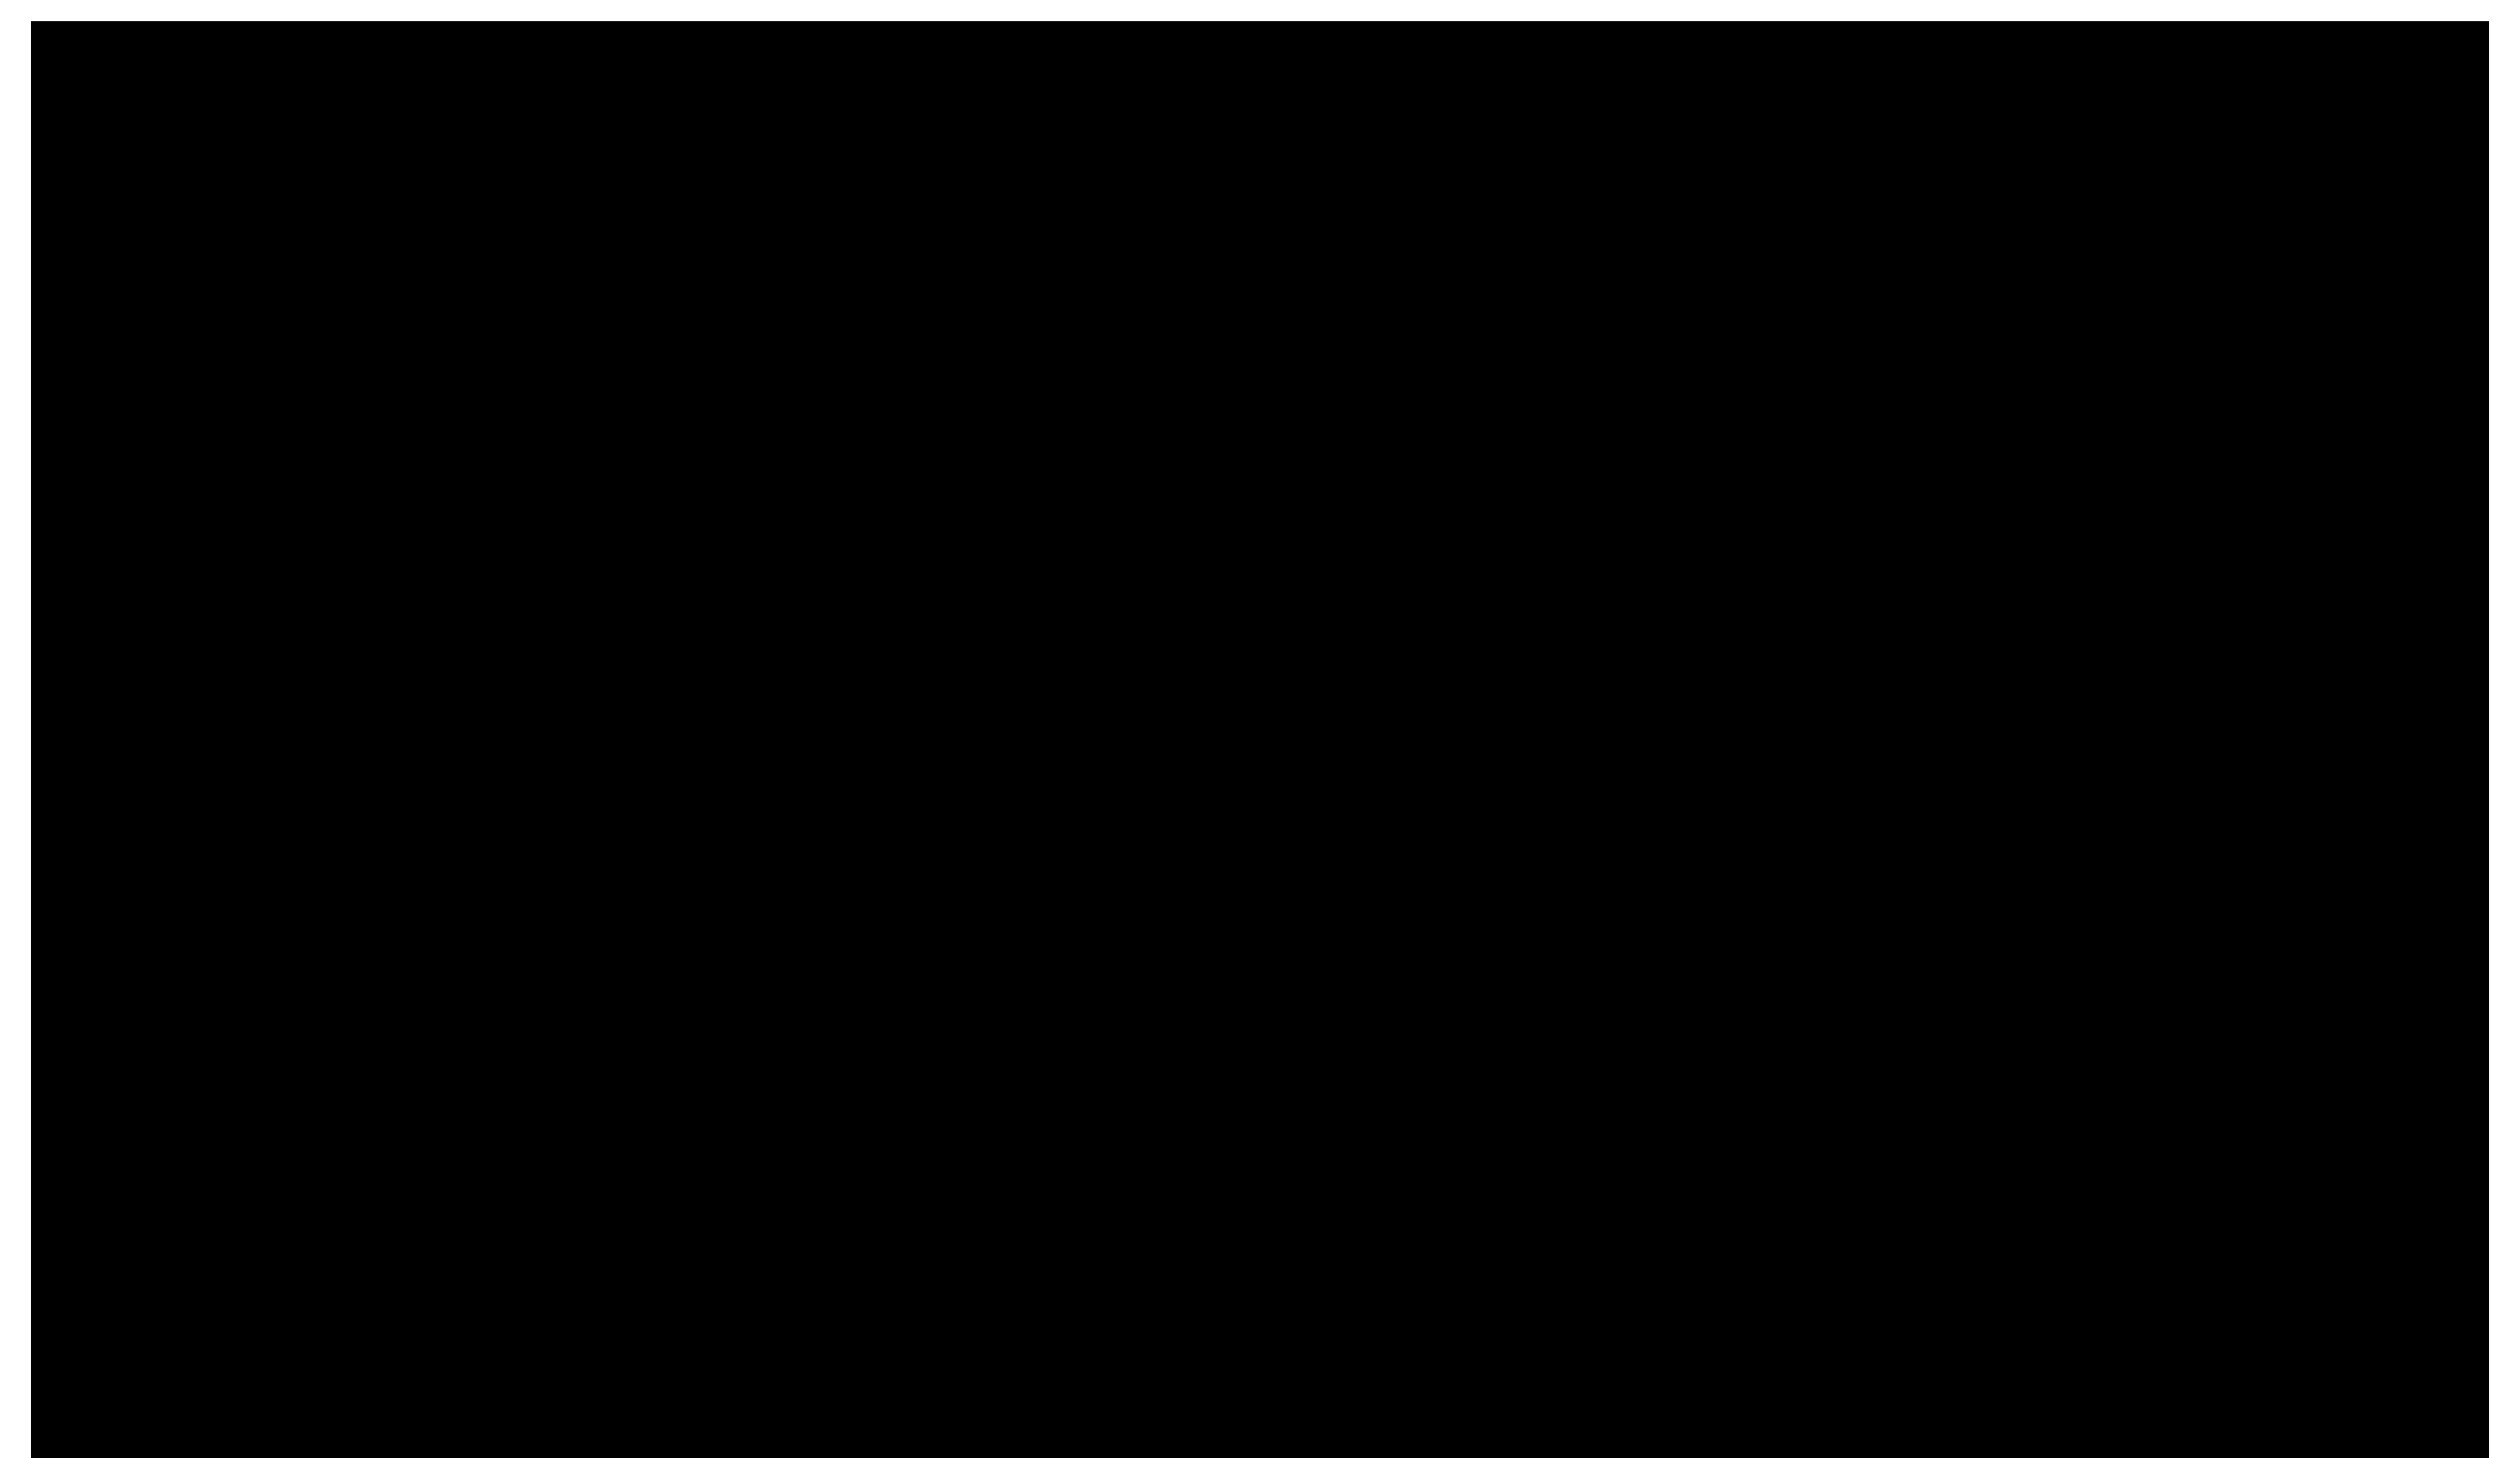 2_dip_logo_black_statement.png